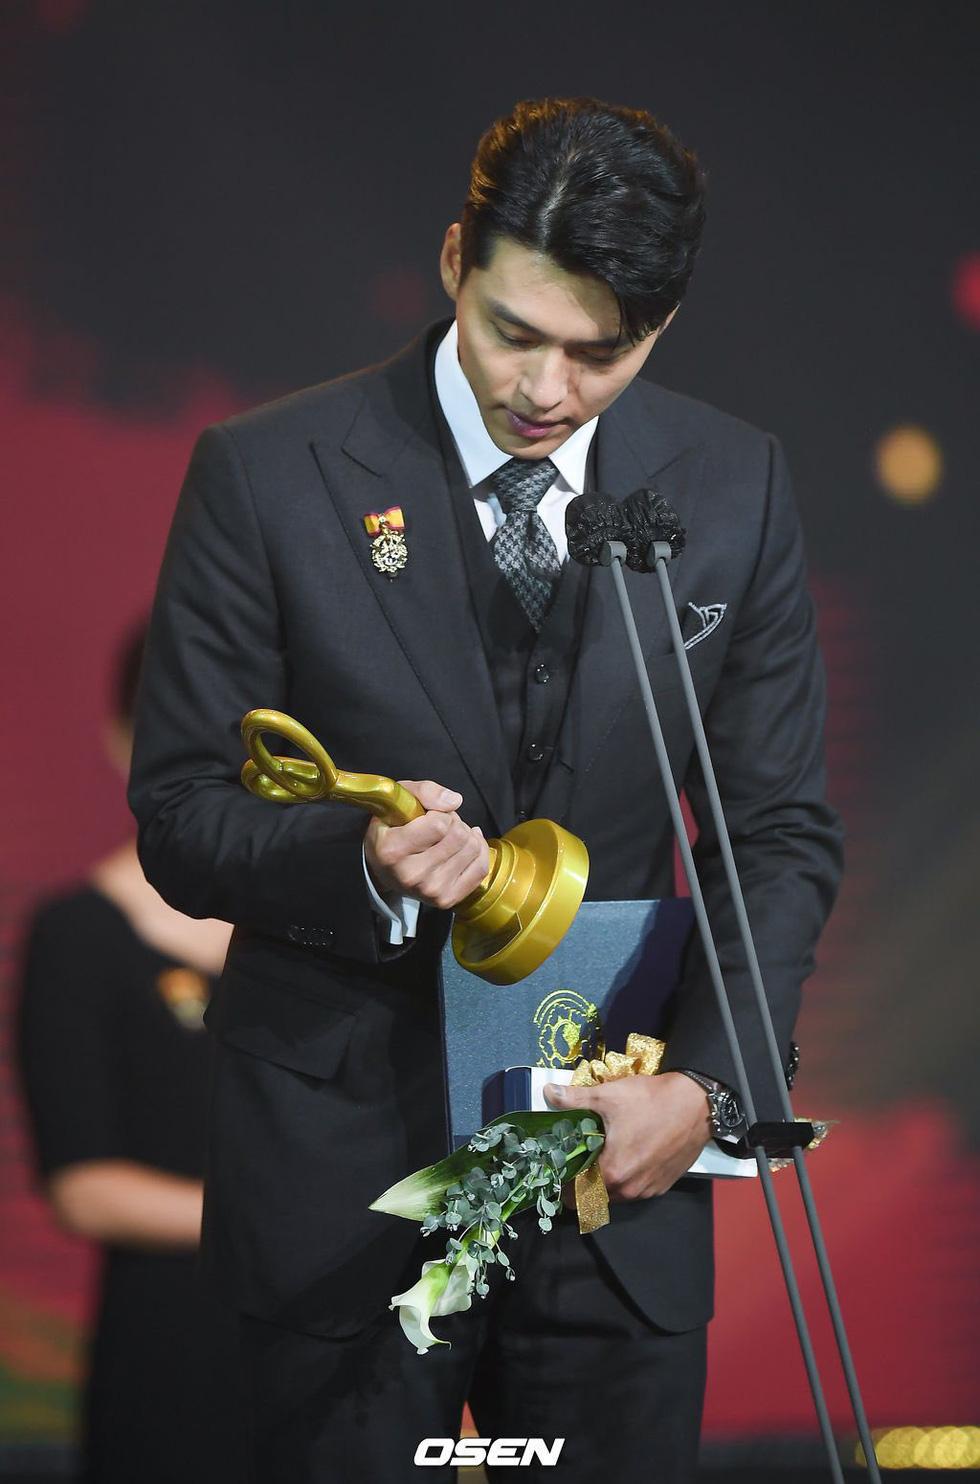 Diễn viên Hạ cánh nơi anh, Thế giới hôn nhân được Hàn Quốc trao bằng khen - Ảnh 2.